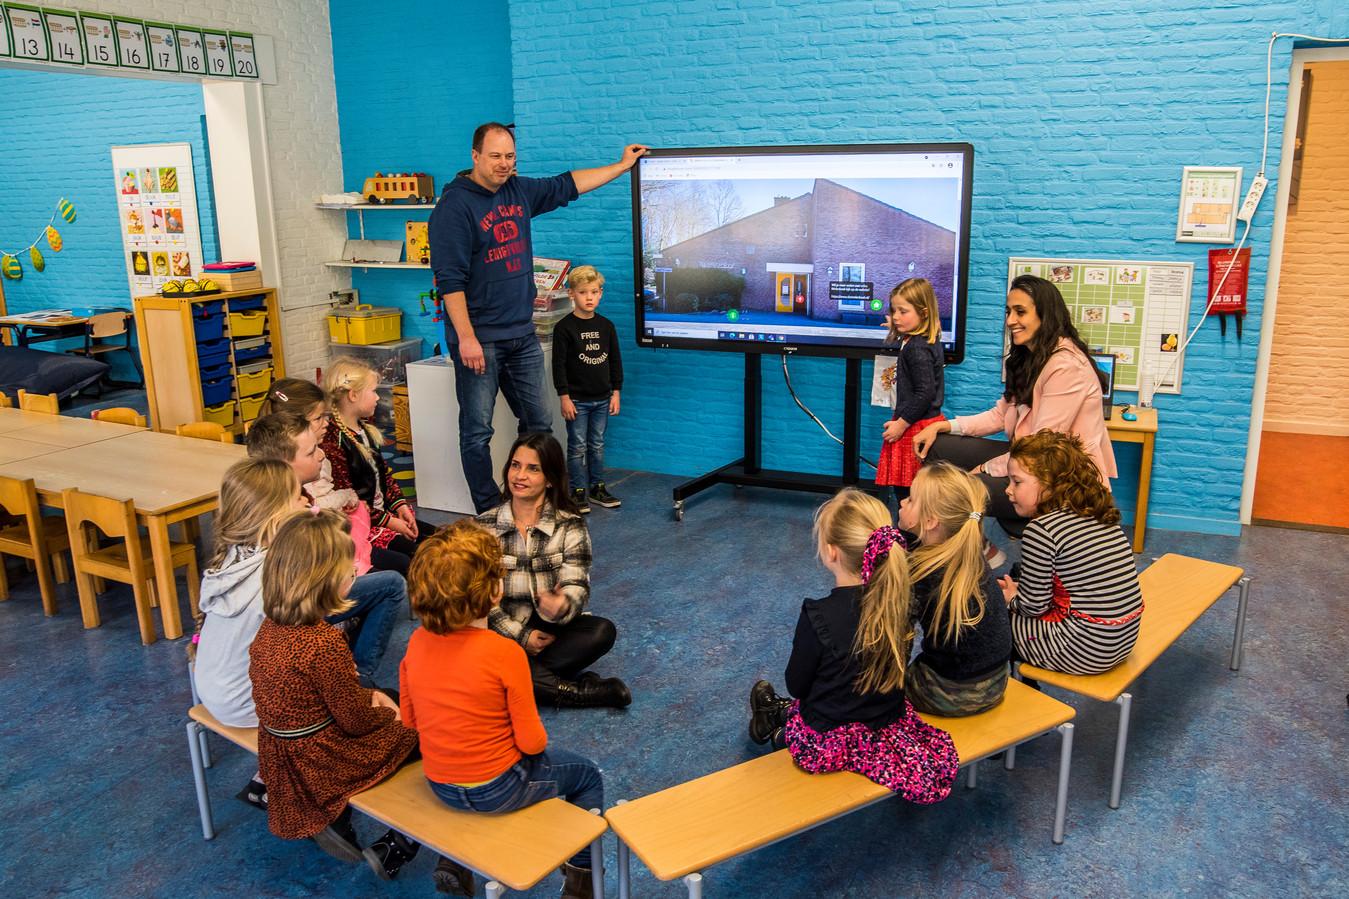 Scholieren van de openbare basisschool Molenbeek in Usselo kijken naar een virtuele schoolpresentatie gemaakt door leerlingen van Het Assink lyceum.